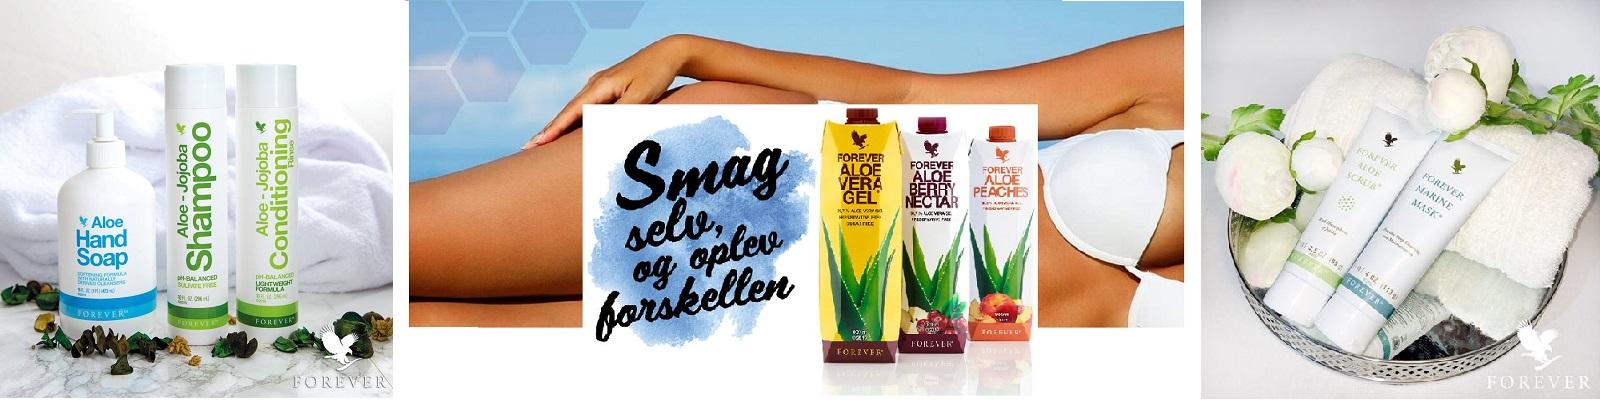 Den nye Aloe Vera drik